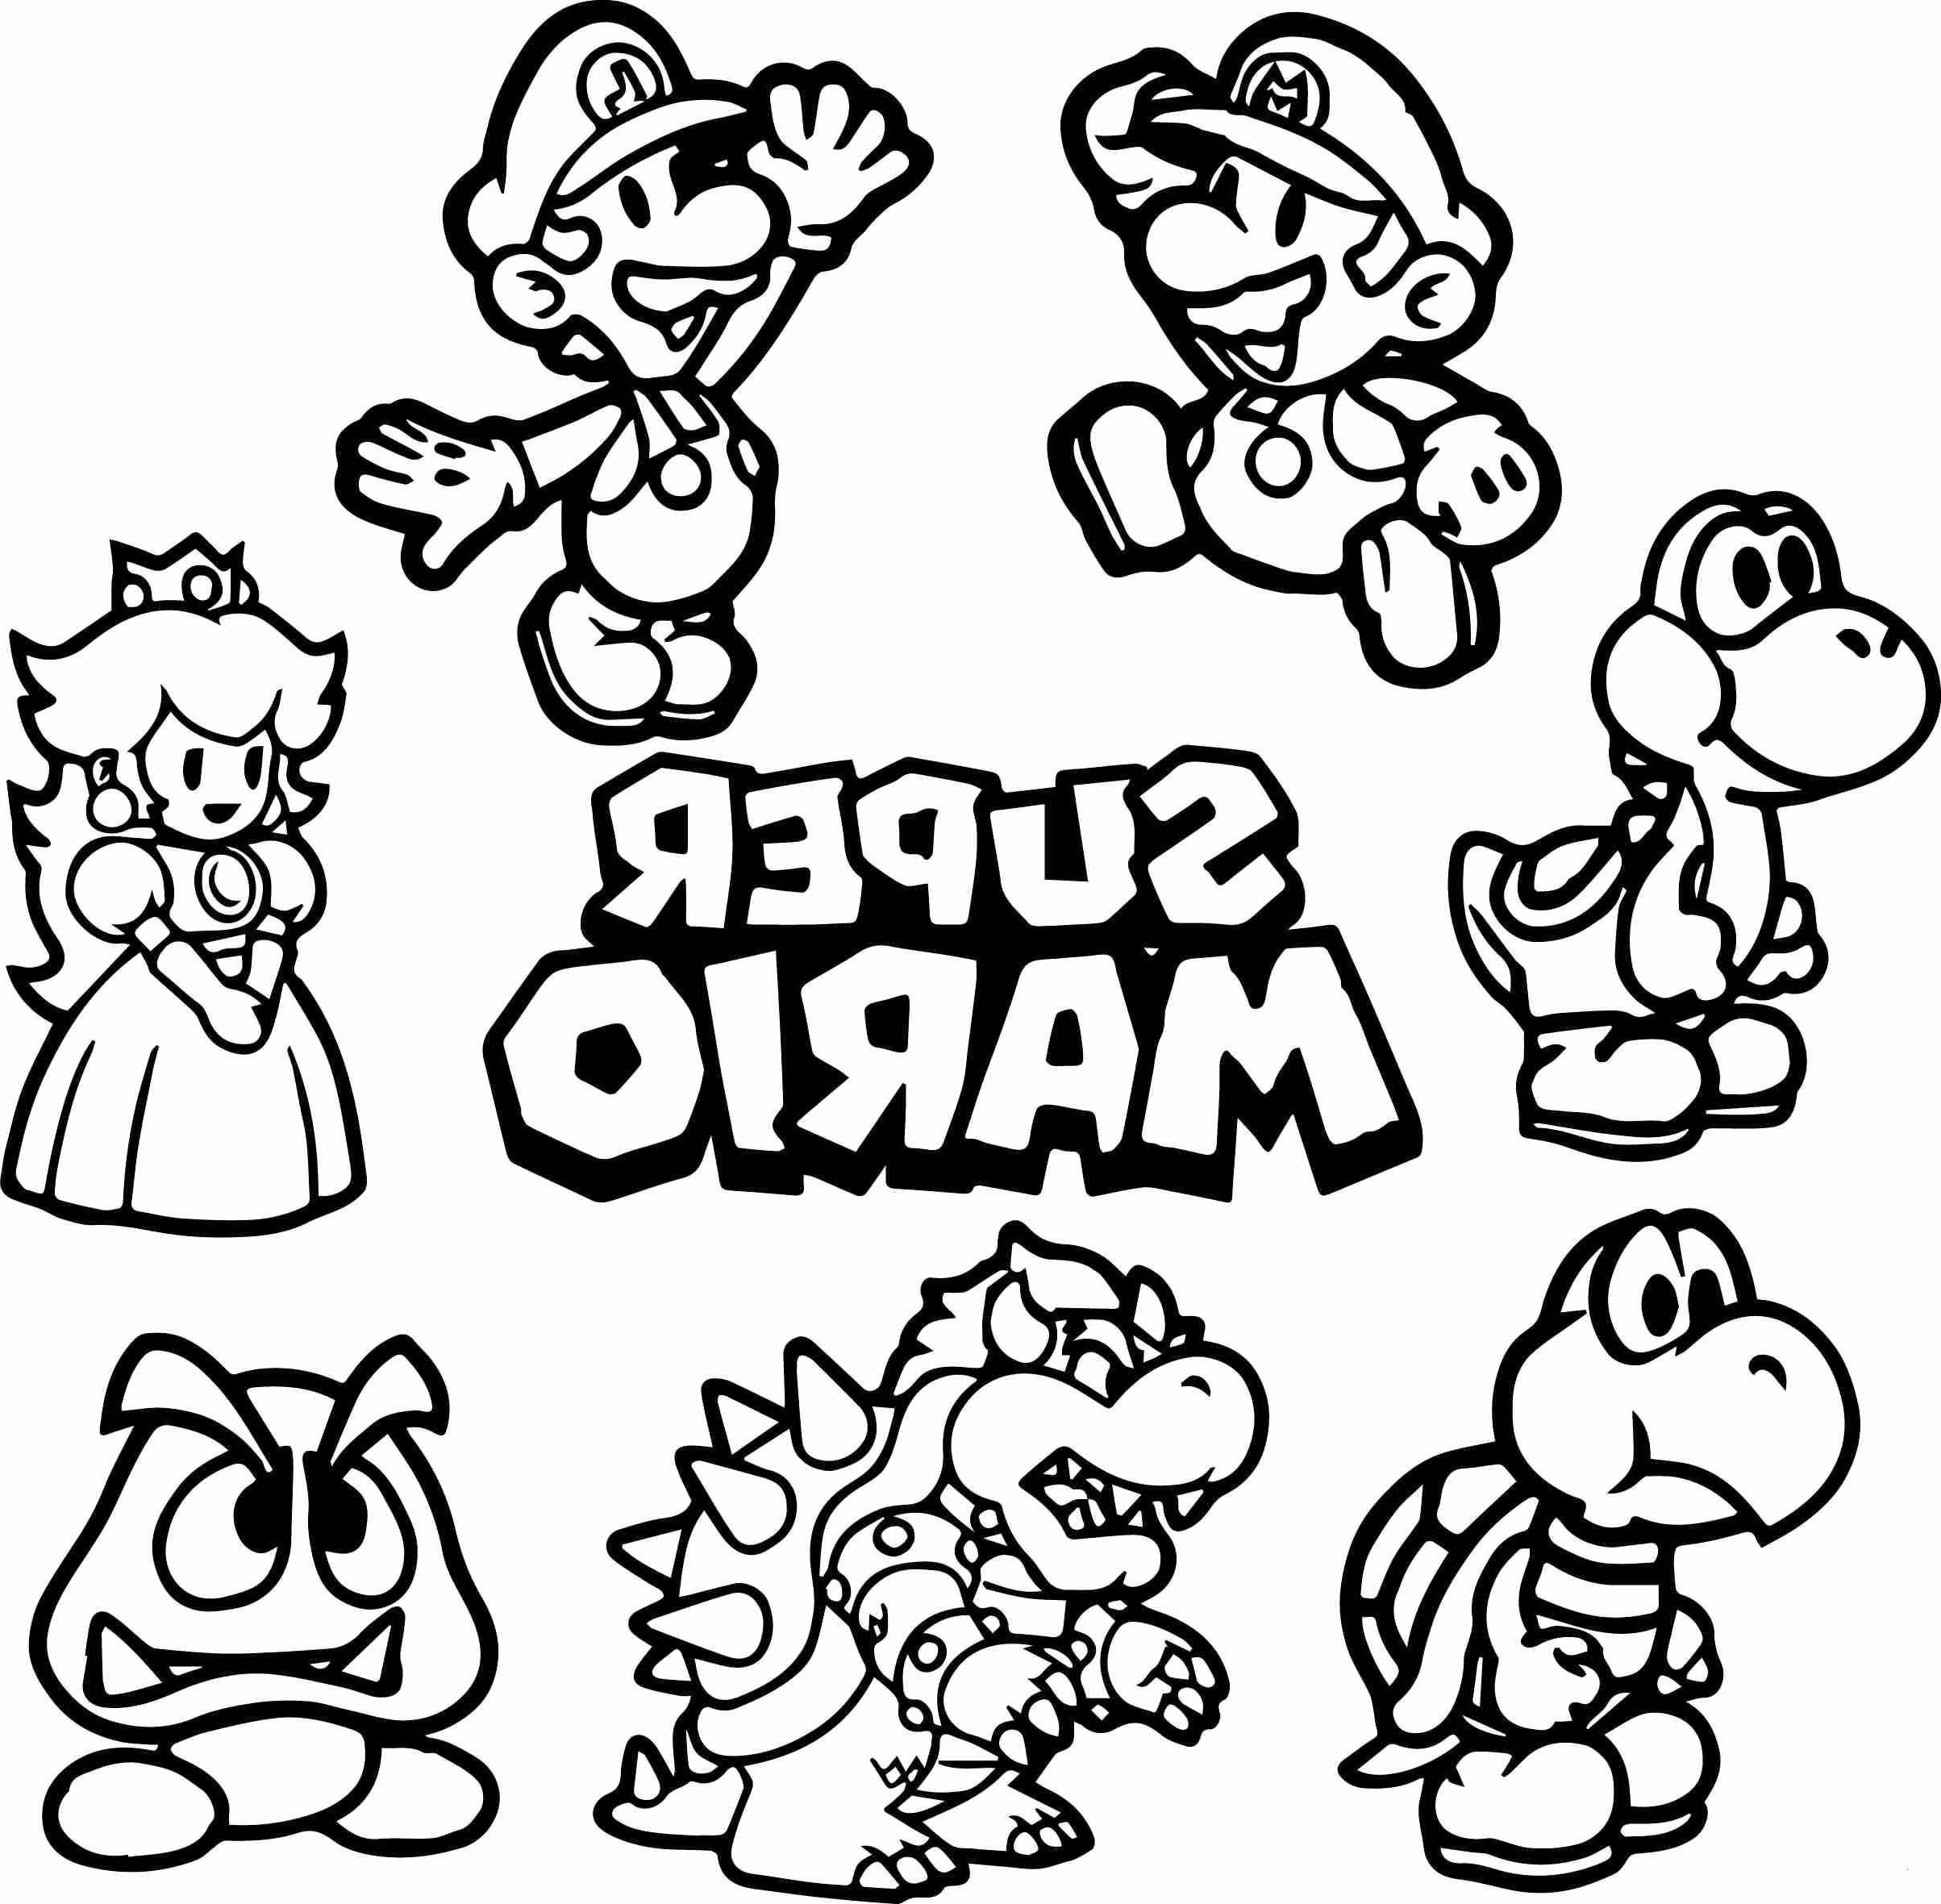 Malvorlage Super Mario Genial 28 Inspirierend Ausmalbild Super Mario – Malvorlagen Ideen Stock